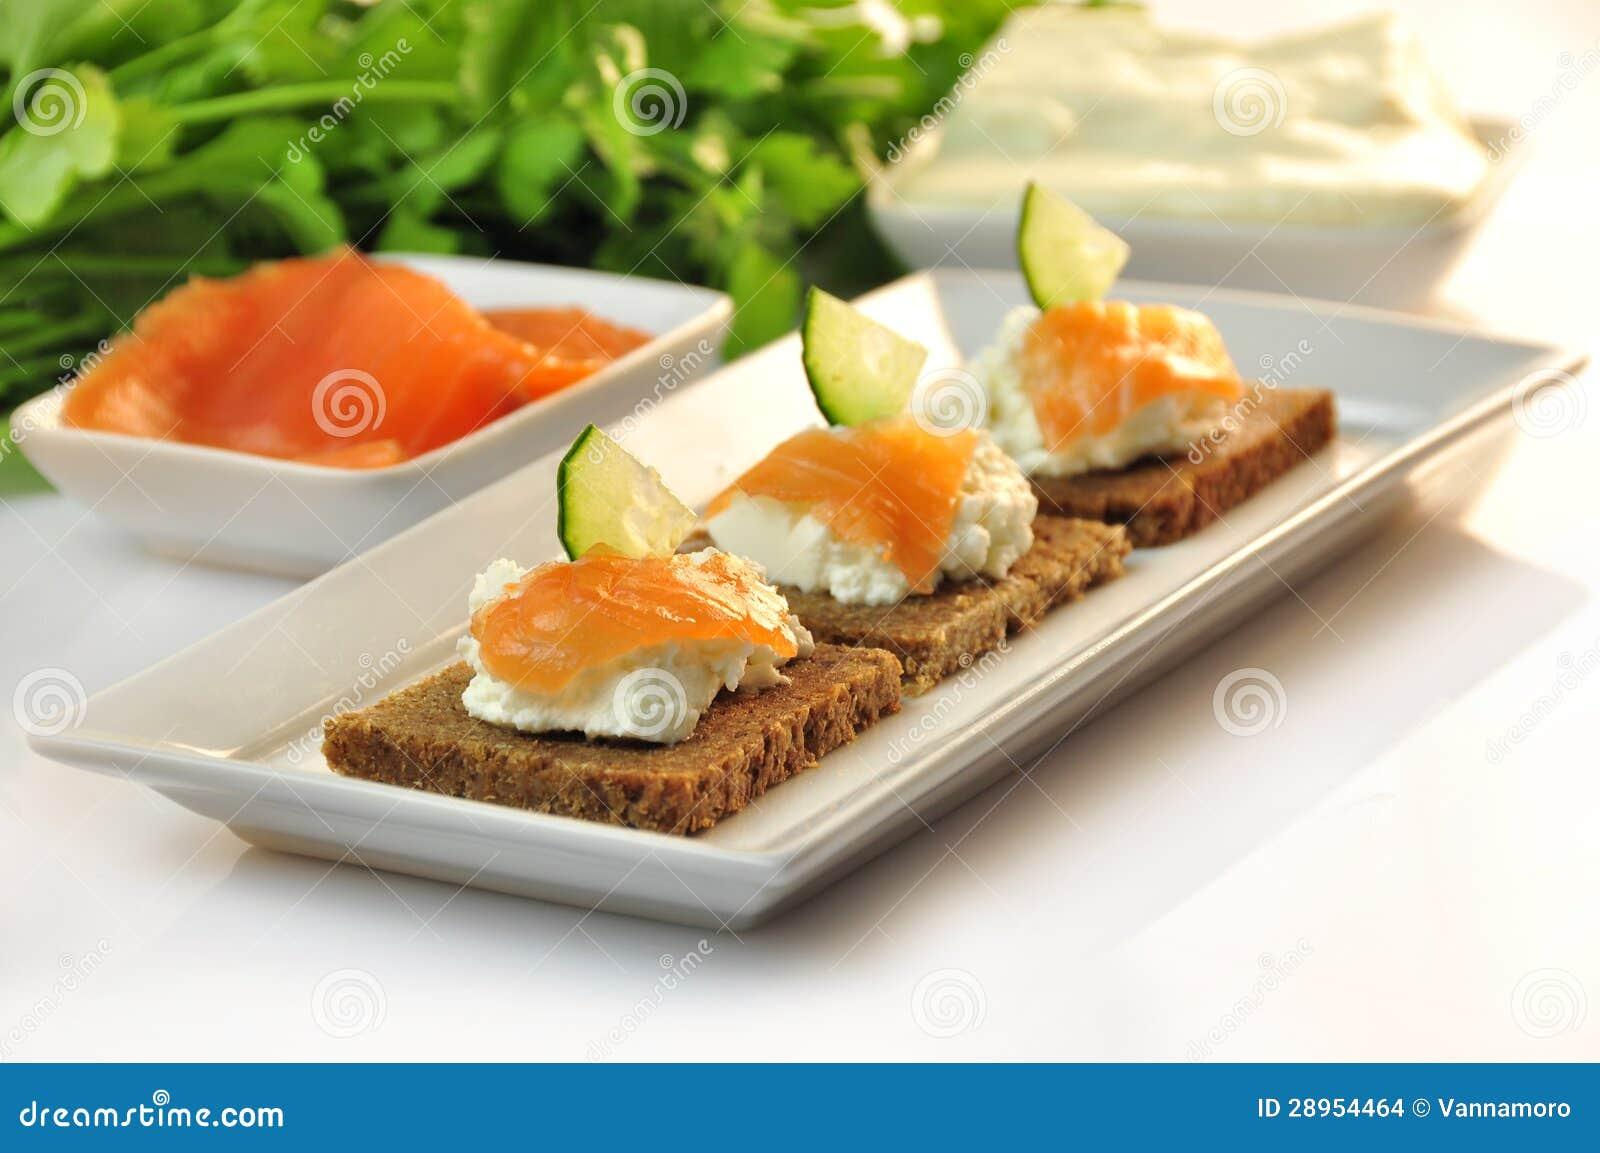 Canapes żyta chleb z ricotta serem i uwędzonym łososiem